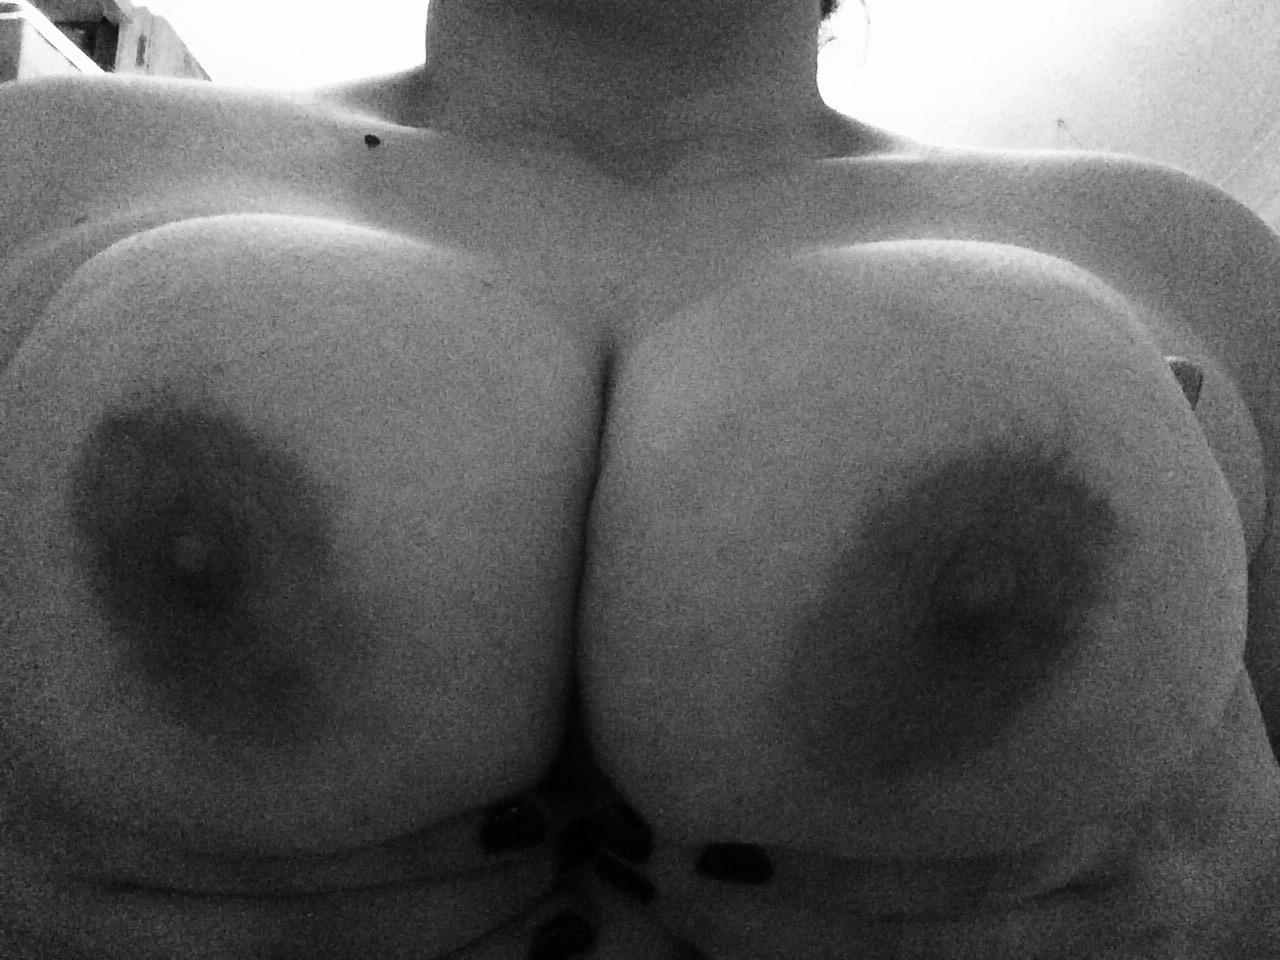 sexiga bröst sidor